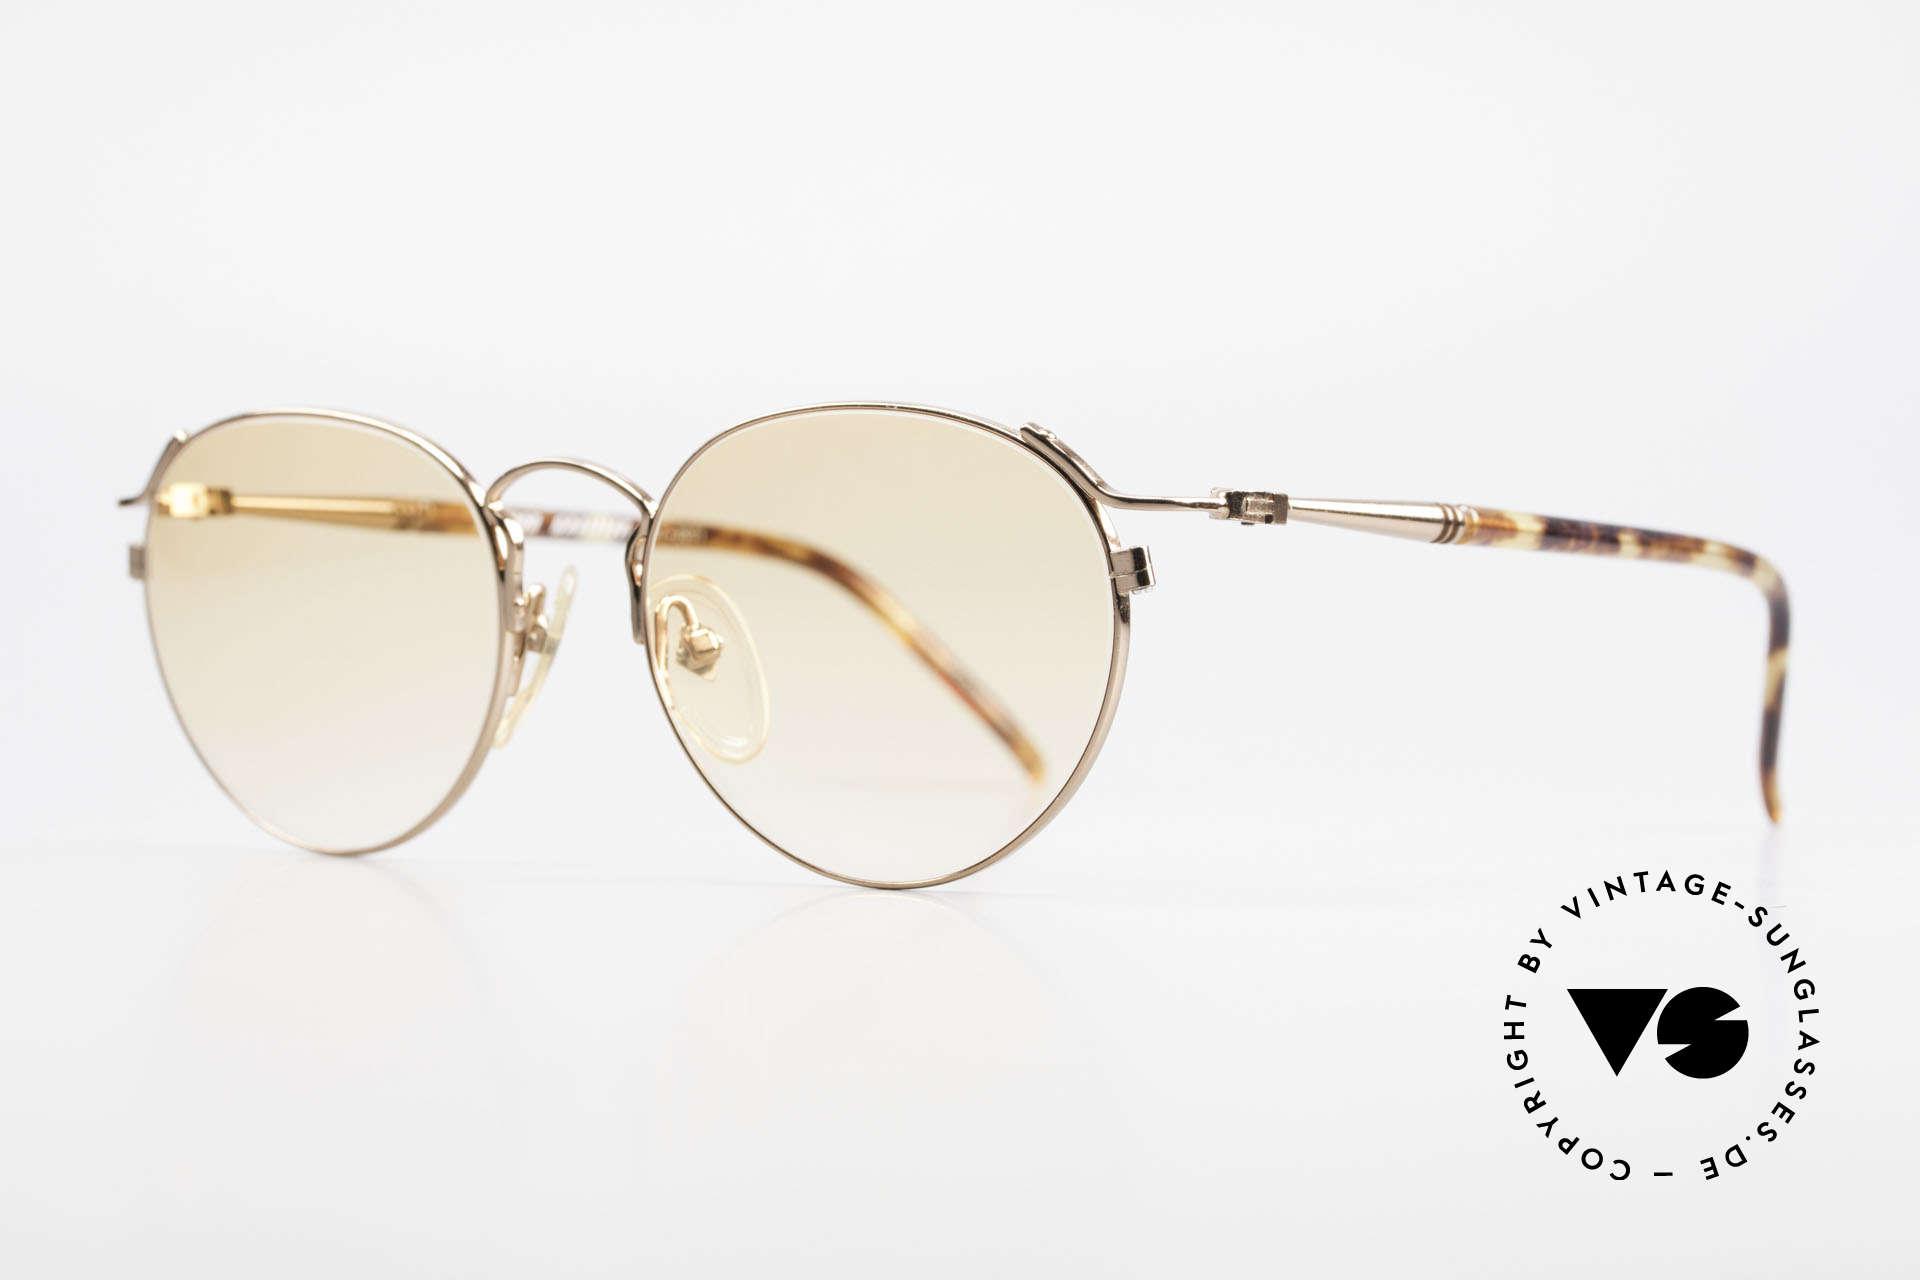 Jean Paul Gaultier 57-2271 Junior Gaultier Vintage Brille, edle Kombination der Formen, Farben & Materialien, Passend für Herren und Damen